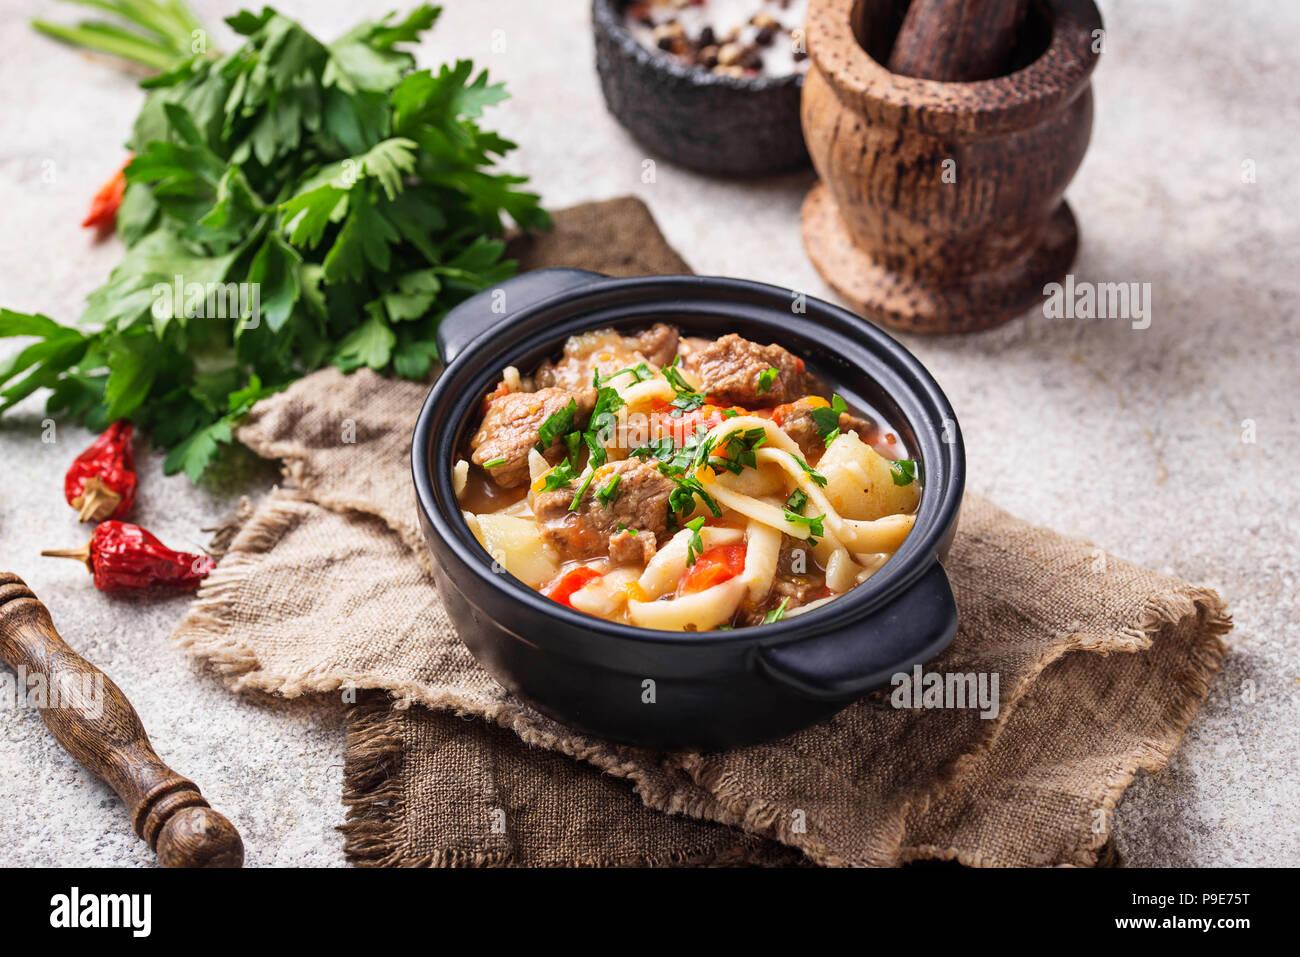 Orientale tradizionale zuppa uzbeko lagman Immagini Stock